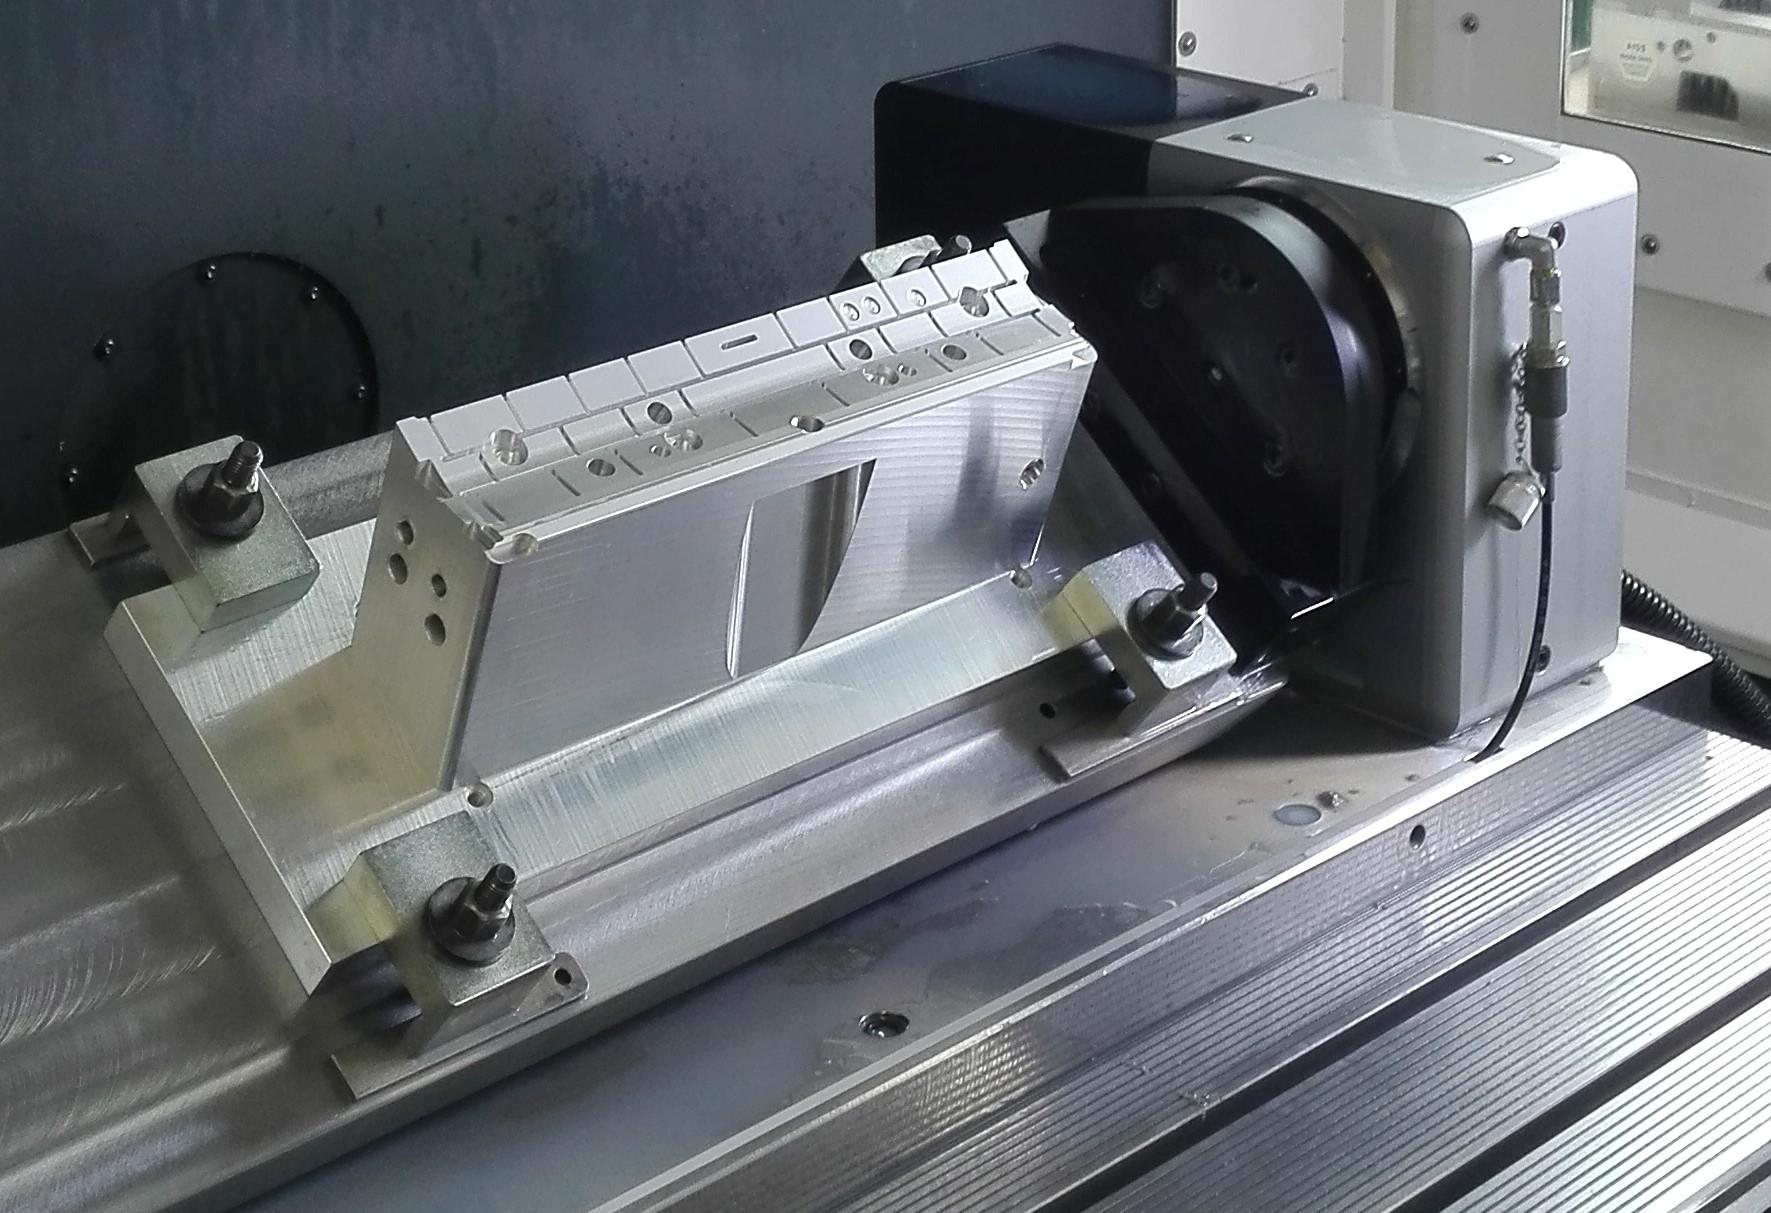 Gefräster Presskaschierstempel für eine Automobilinnenverkleidung (Bild: Schott Systeme GmbH)